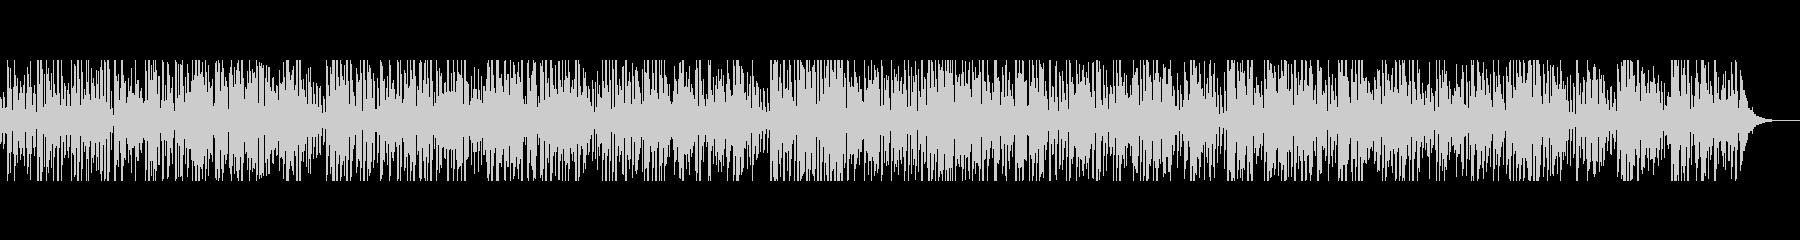 ジャズジプシーギターアドリブ演奏の未再生の波形